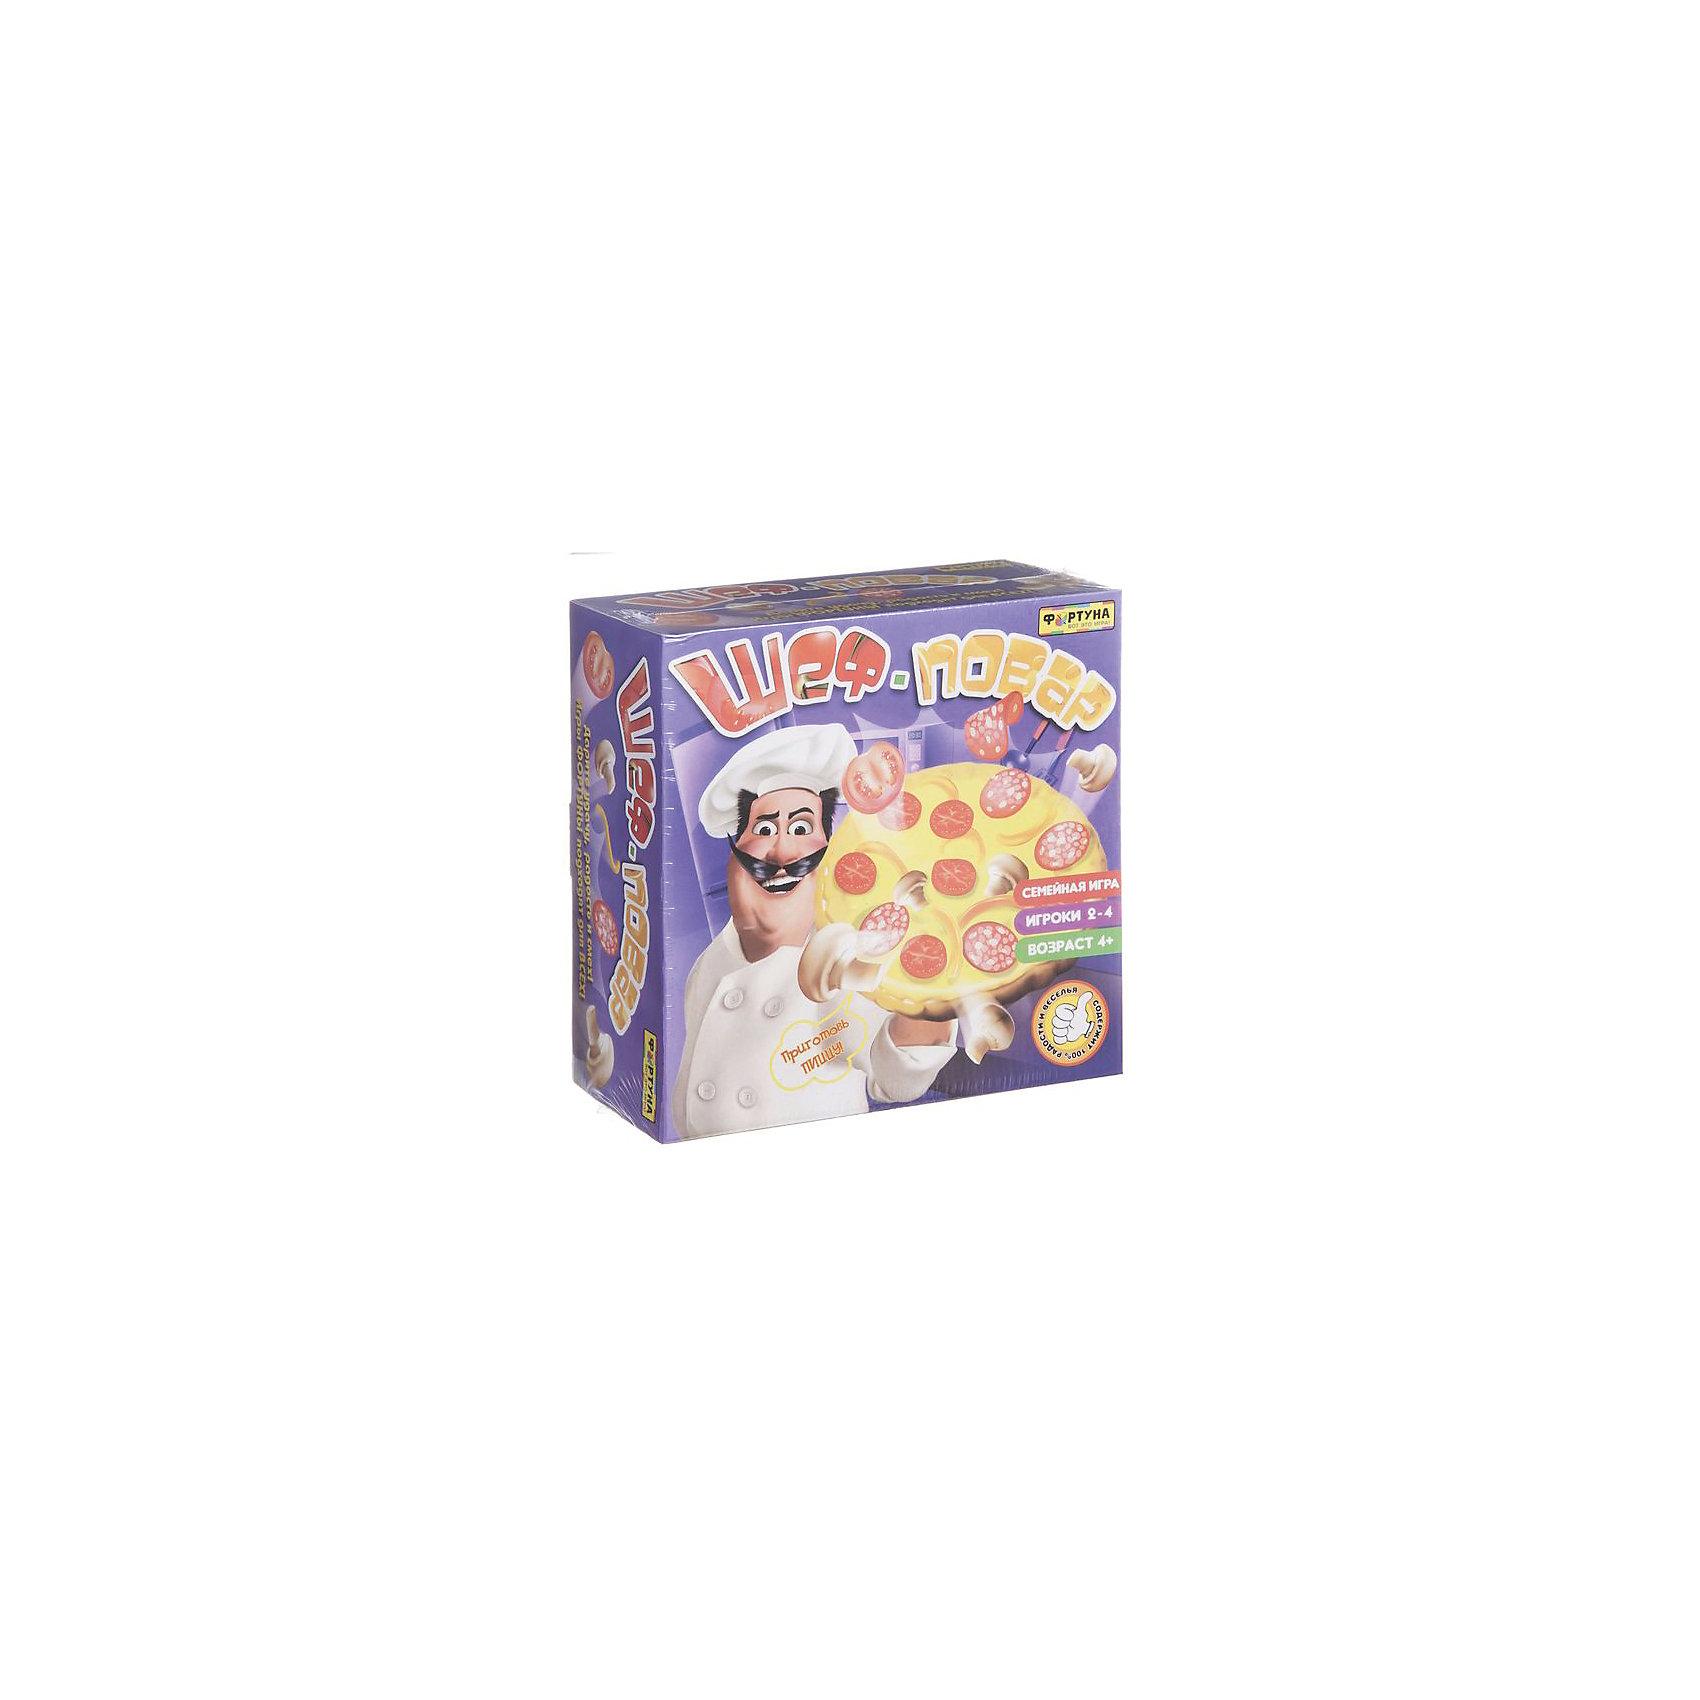 Настольная игра Шеф-повар, ФортунаХарактеристики:<br><br>• Вид игр: настольные игры<br>• Пол: универсальный<br>• Материал: пластик, бумага, картон<br>• Количество игроков: от 2-х до 4 человек<br>• Размер (Д*Ш*В): 26*6*24 см<br>• Вес: 450 г<br>• Комплектация: лепешка-пицца, ингридиенты для пиццы, игровой кубик, инструкция<br><br>Настольная игра Шеф-повар, Фортуна от отечественного производителя, специализирующегося на данного вида играх, предназначена для веселого времяпрепровождения от 2 до 4-х человек. Цель игры заключается в том, чтобы разместить на пицце выпавший игроку ингридиент при бросании кубика и при этом не перевернуть пиццу. Элементы игры выполнены из качественного и безопасного пластика, упакованы в картонную коробку. В комплекте имеется инструкция с правилами игры.<br><br>Настольные игры от Фортуны научат ребенка внимательности, усидчивости, позволят ему развивать, тактическое, стратегическое и логическое мышление. Игры с несколькими участниками позволяют в легкой форме осваивать социальные навыки взаимодействия и выстраивать коммуникацию с другими участниками игры. Настольная игра Шеф-повар, Фортуна может стать прекрасным вариантом в качестве подарка к празднику для любого ребенка! <br><br>Настольную игру Шеф-повар, Фортуна можно купить в нашем интернет-магазине.<br><br>Ширина мм: 270<br>Глубина мм: 110<br>Высота мм: 270<br>Вес г: 650<br>Возраст от месяцев: 48<br>Возраст до месяцев: 2147483647<br>Пол: Унисекс<br>Возраст: Детский<br>SKU: 5121946